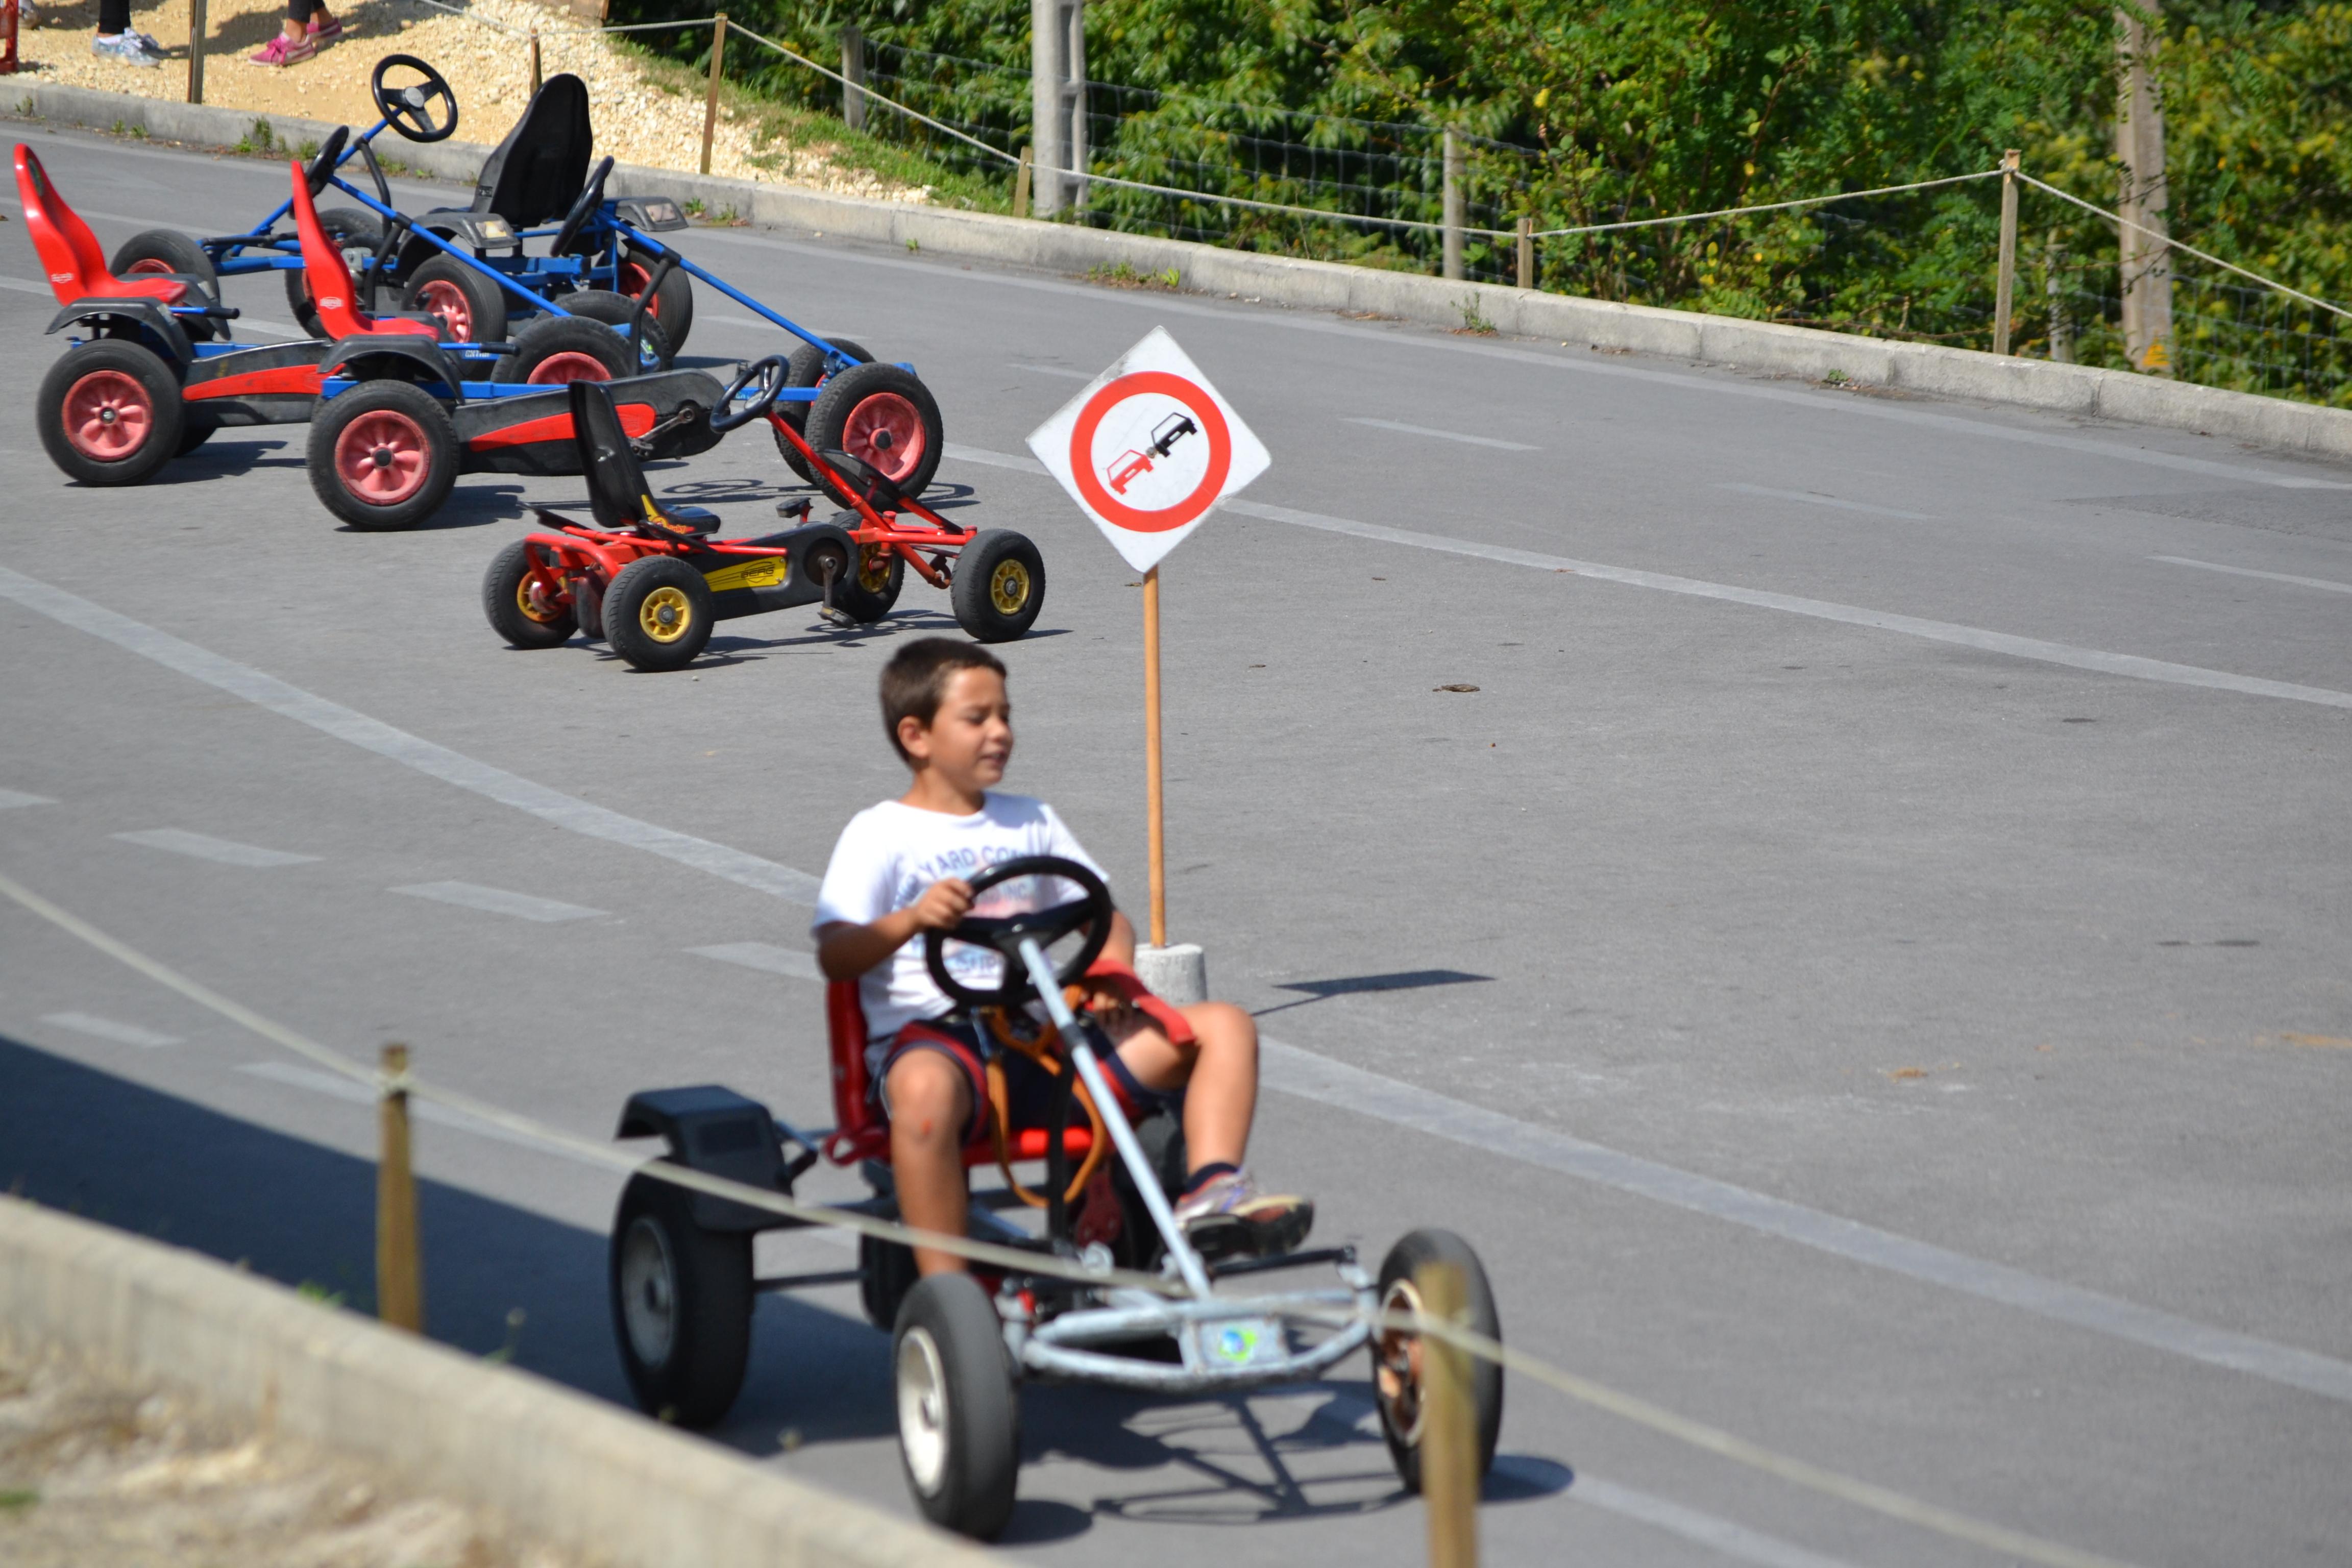 karts_9_Cantabria_Parque_multiaventura_ocio_juegos_cabuerniaventura